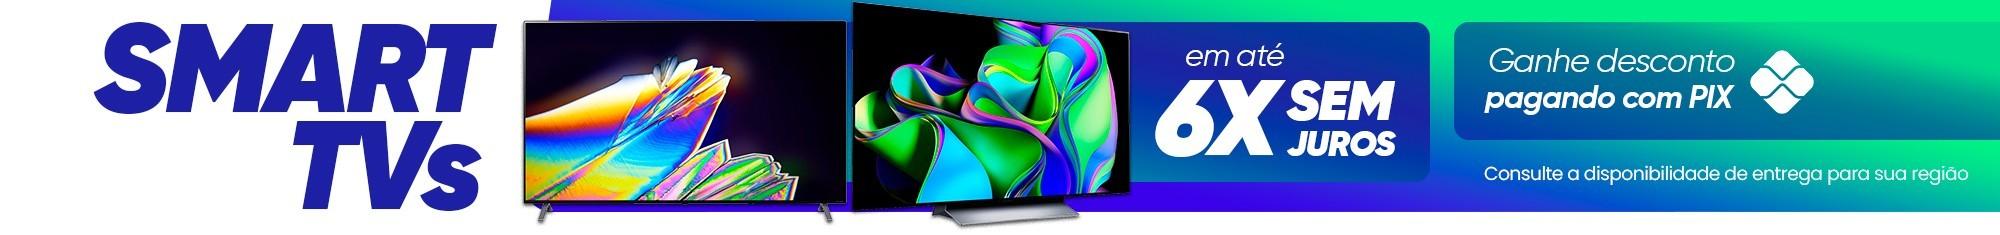 TV LG: Smart, OLED, 4K, HD em Oferta